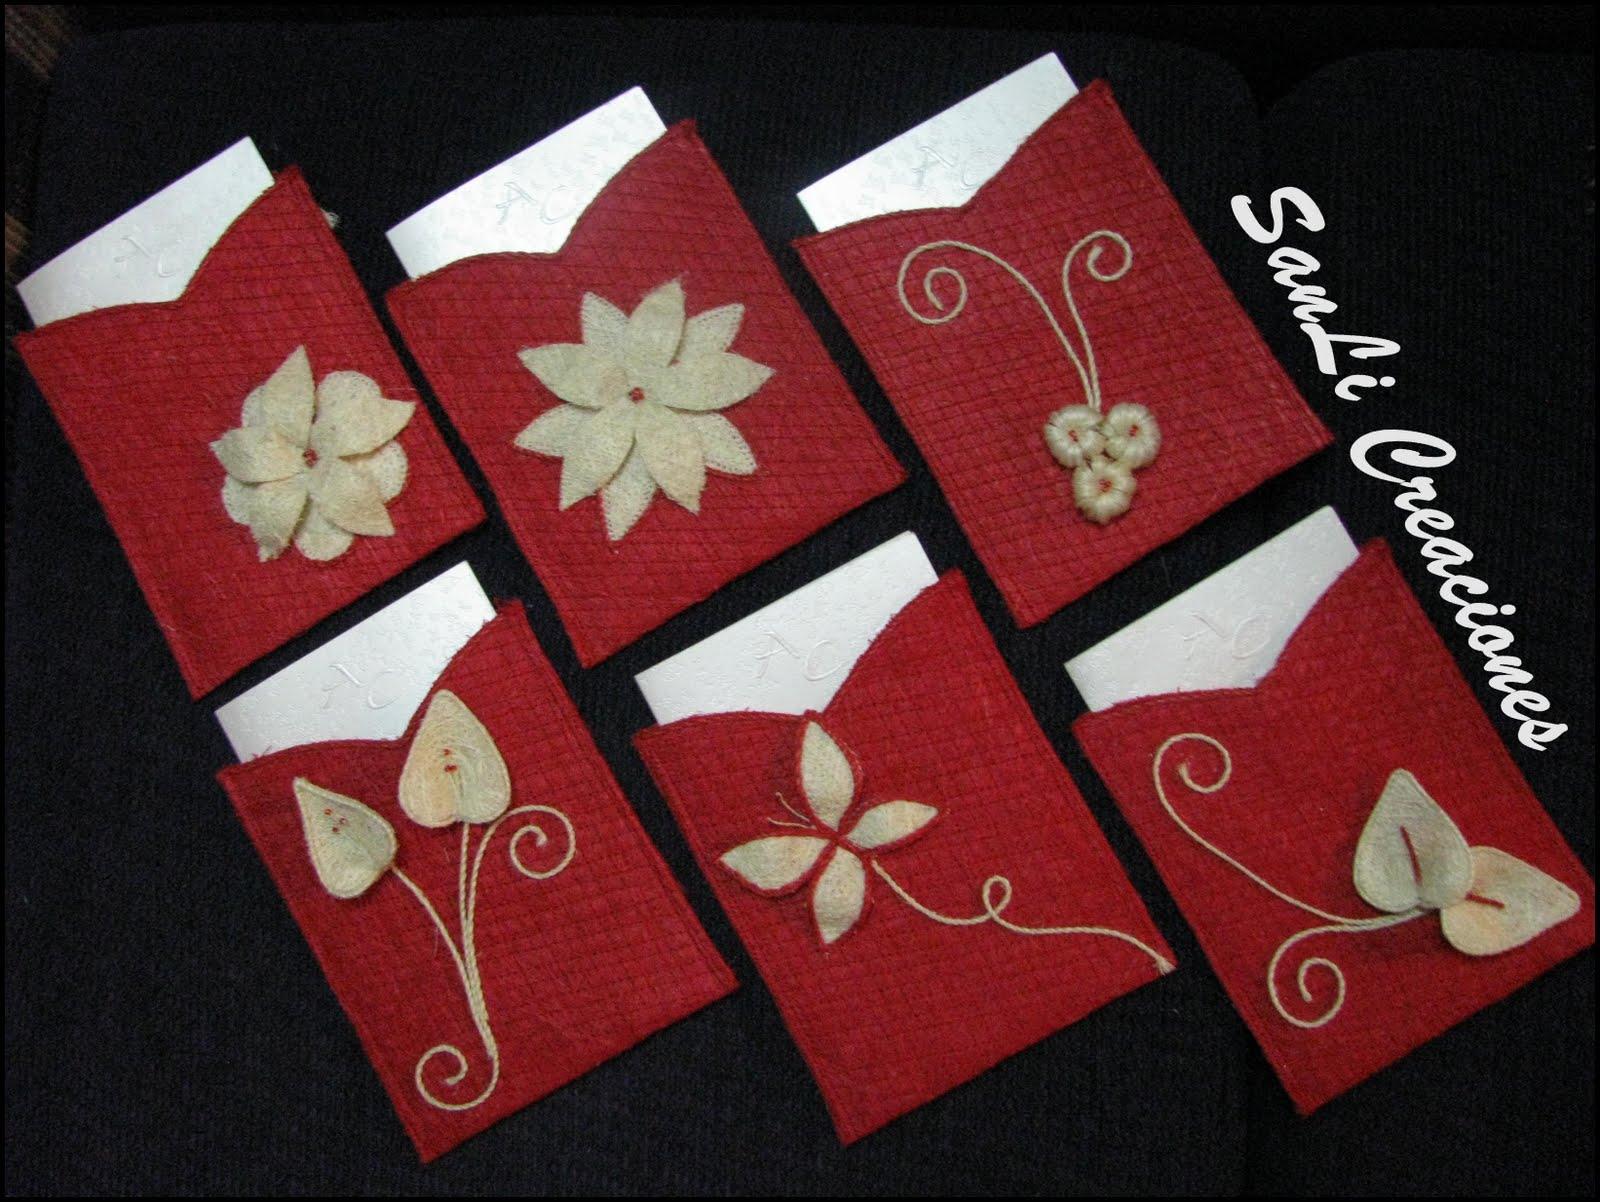 Estos son los seis diseños de tarjetas que Caro hizo para los ...